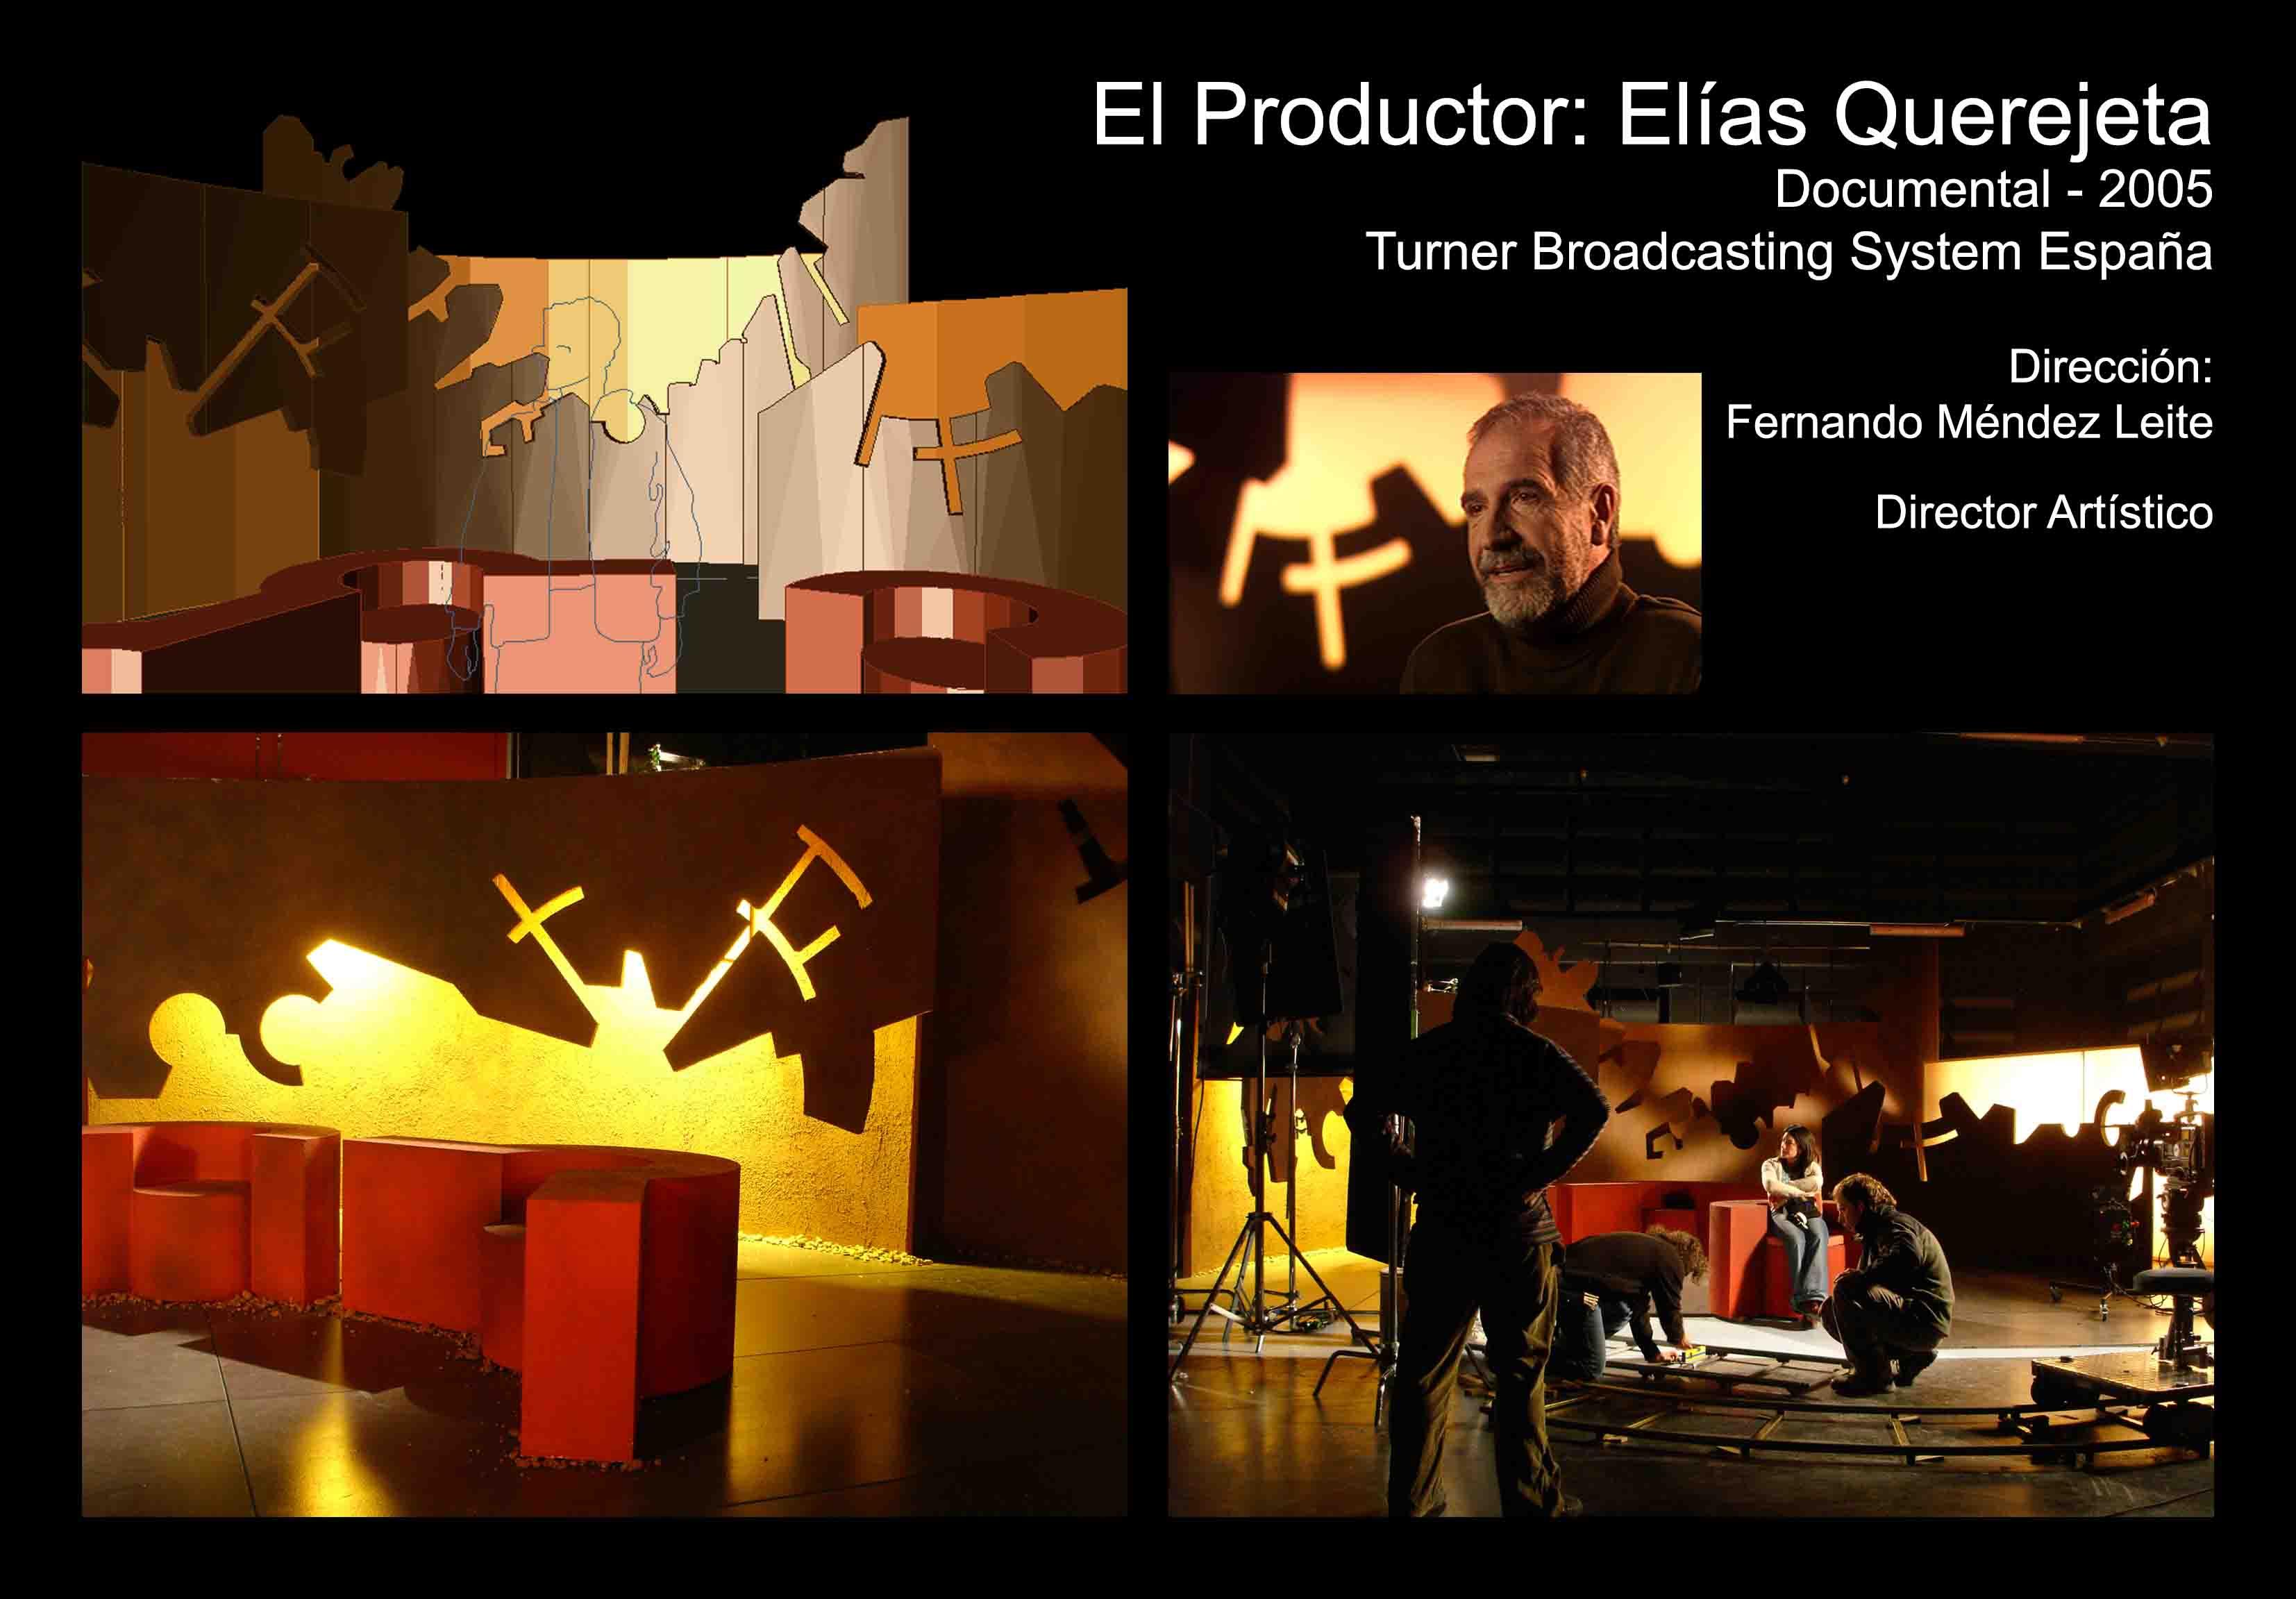 David Temprano 2005 El Productor Elias Querejeta 1